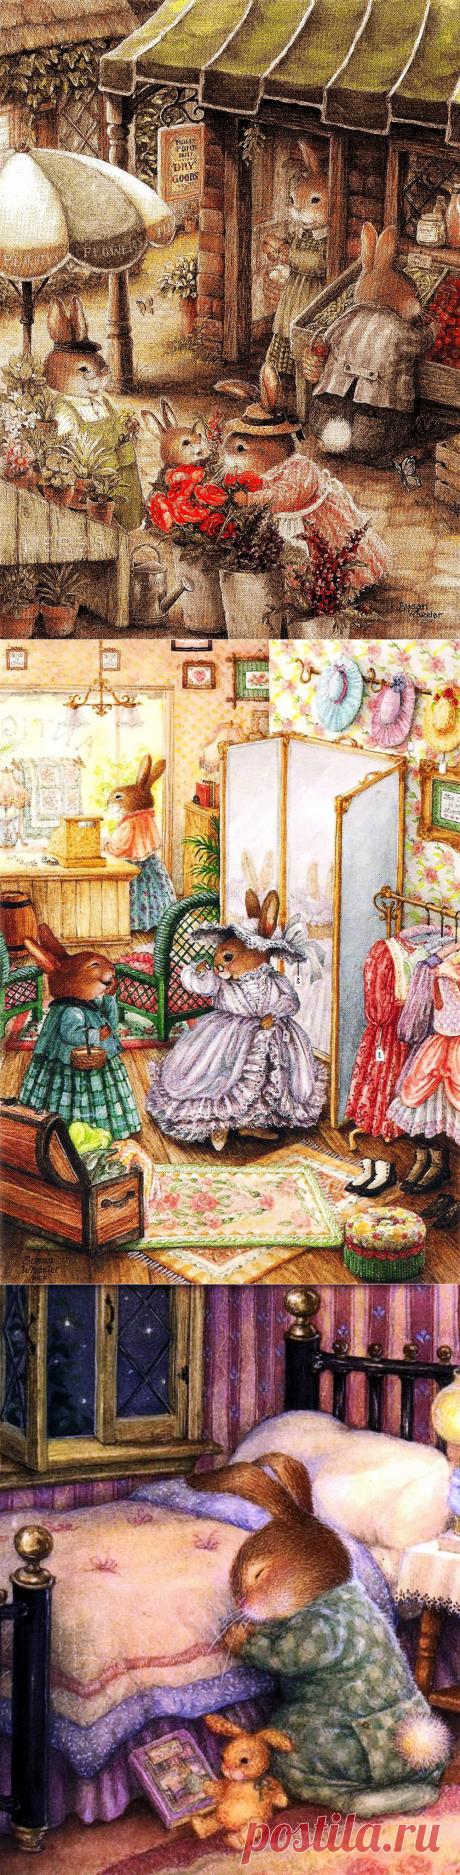 Очаровательный сказочный мир. Художница Сьюзен Вилер (Susan Wheeler). Иллюстрации и открытки. Часть 1.